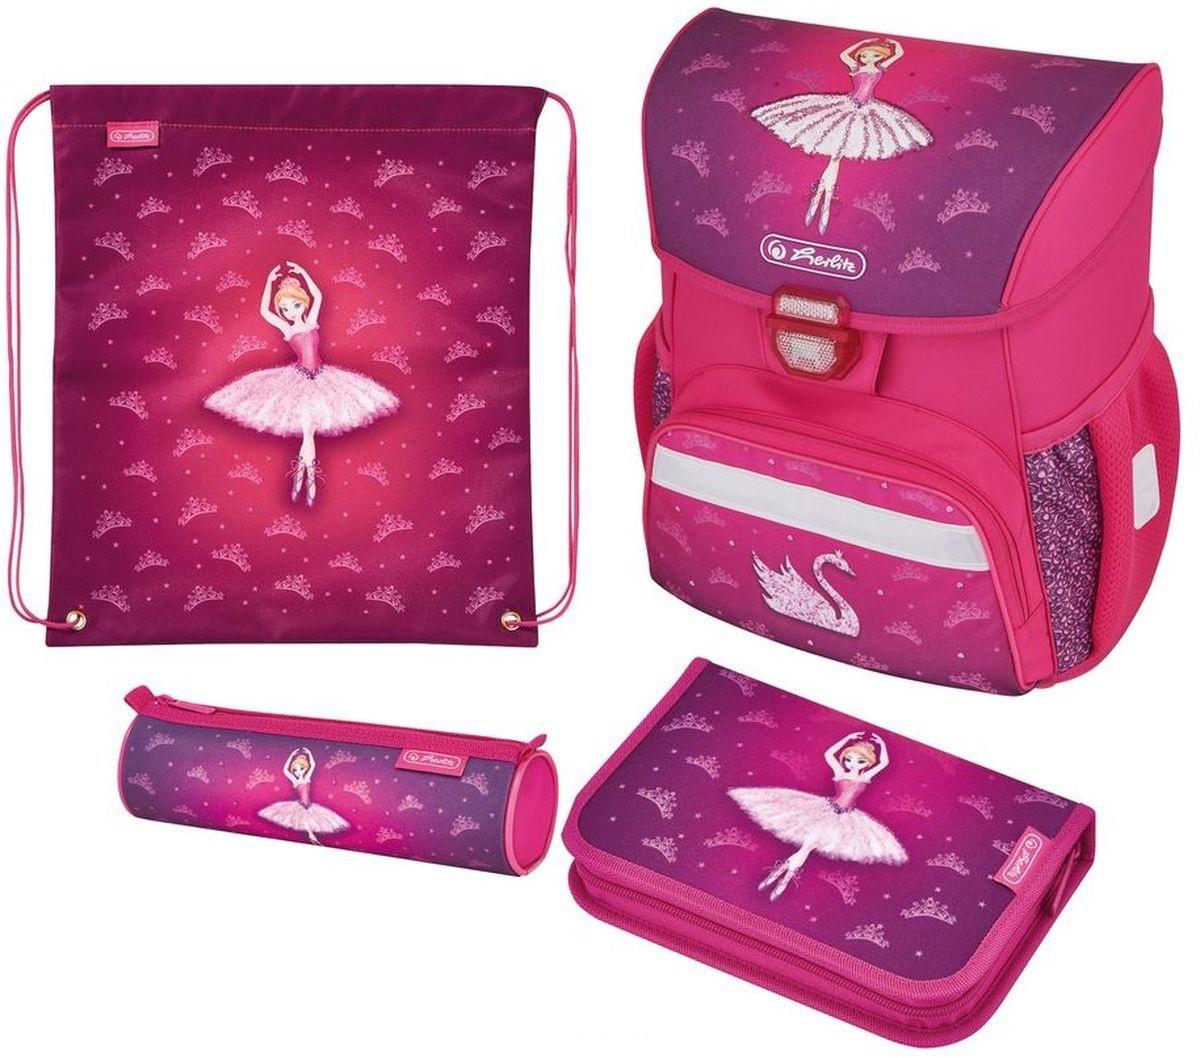 Ранец Loop Plus - Ballerina, с наполнениемШкольные рюкзаки<br>Ранец Loop Plus - Ballerina, с наполнением<br>